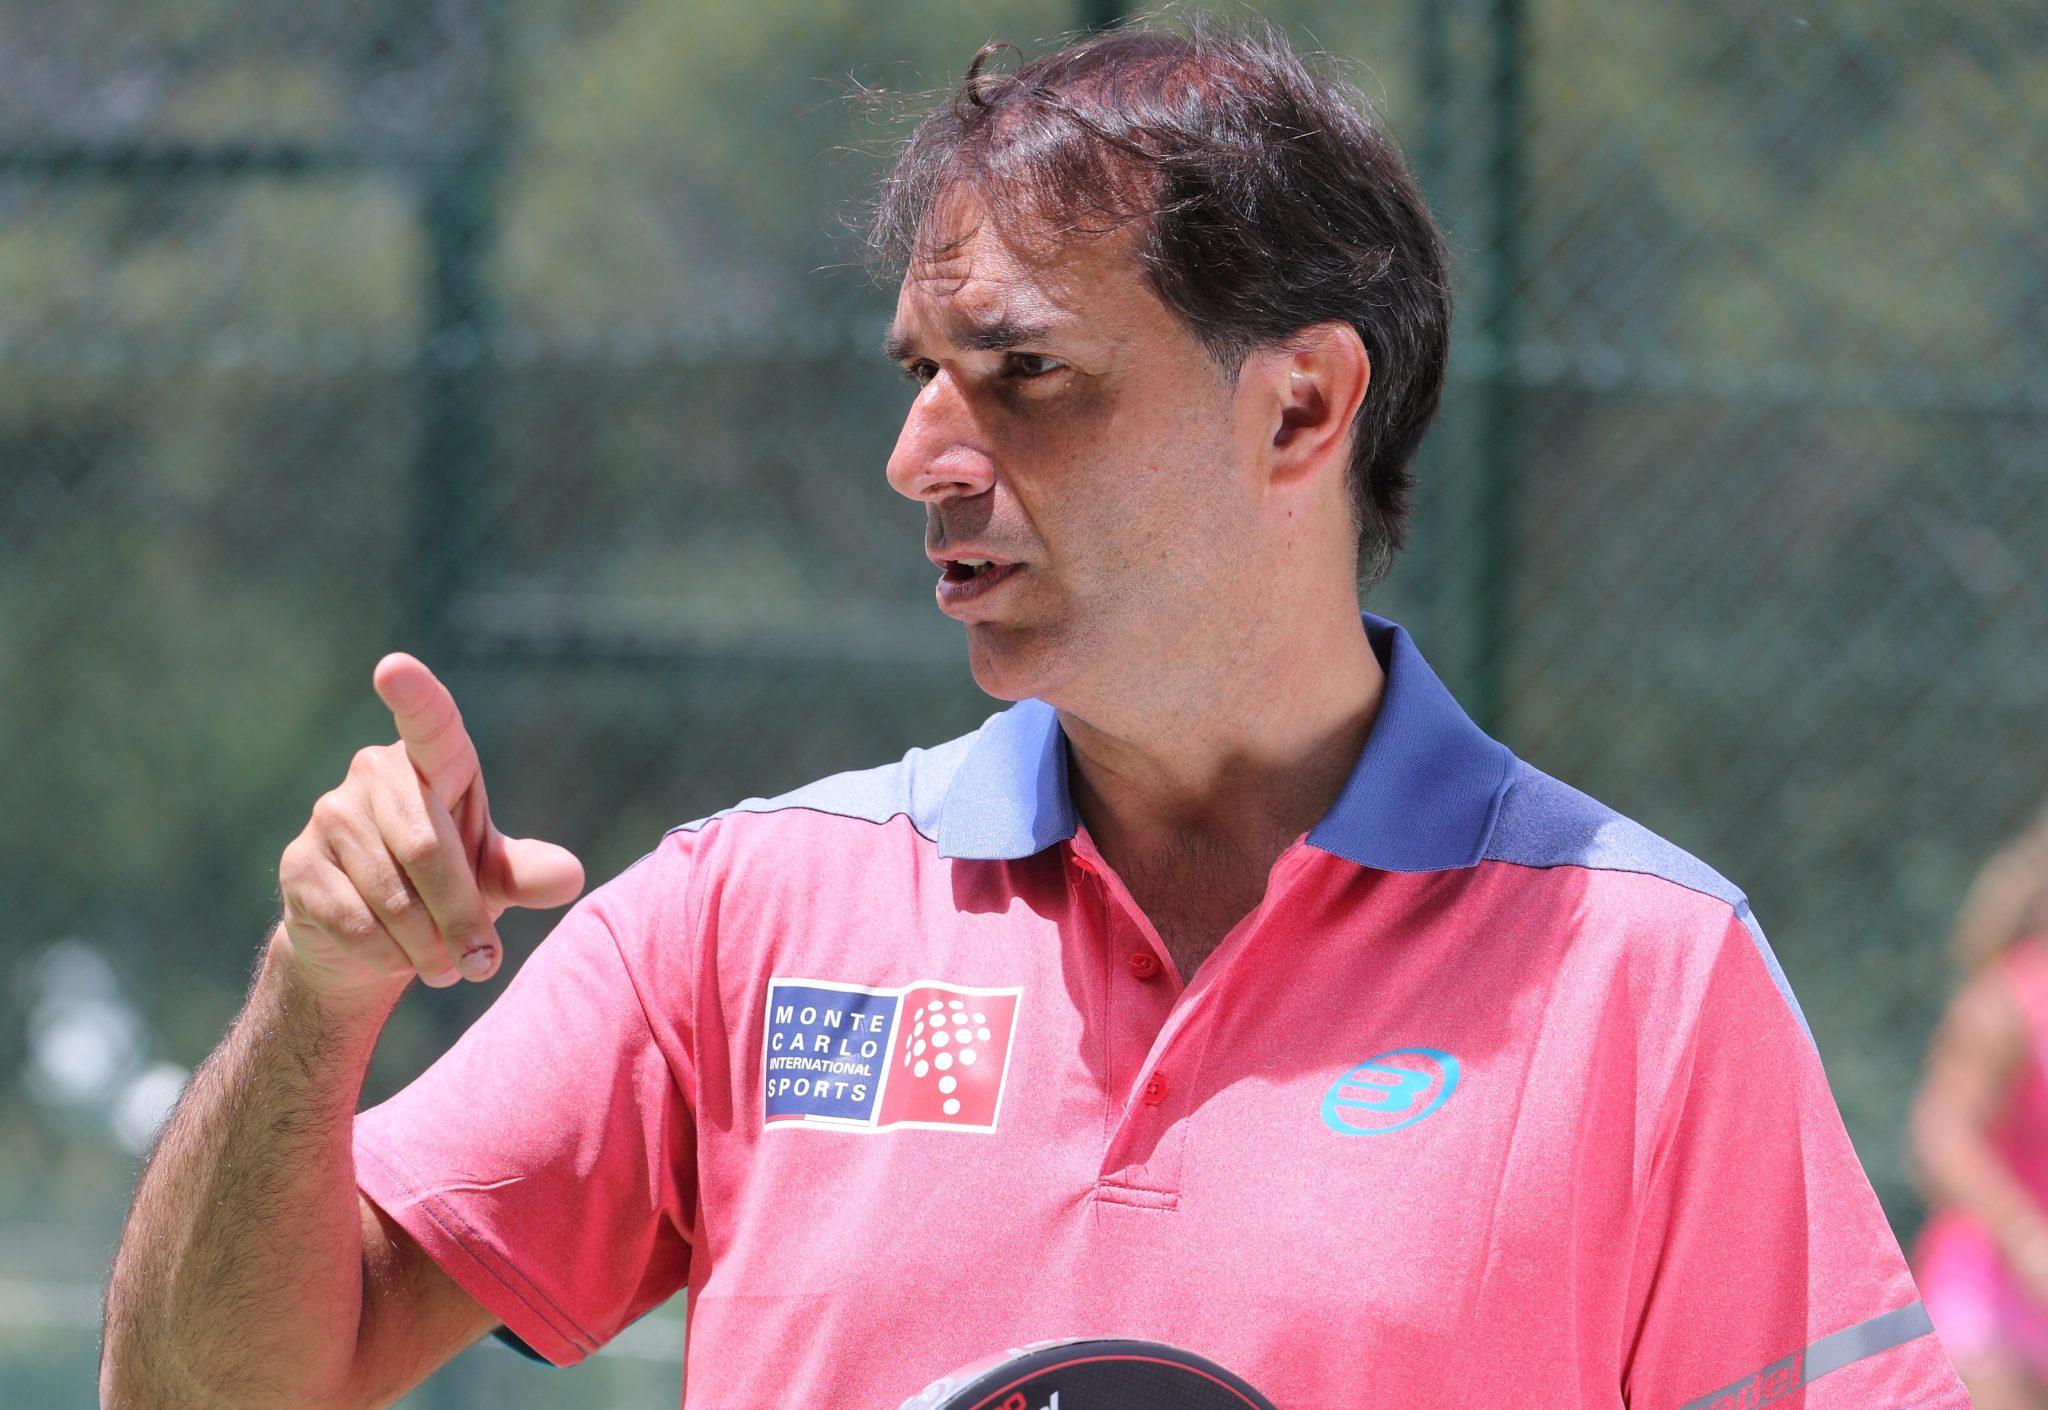 モンテカルロインターナショナルスポーツが経営チームを再編成